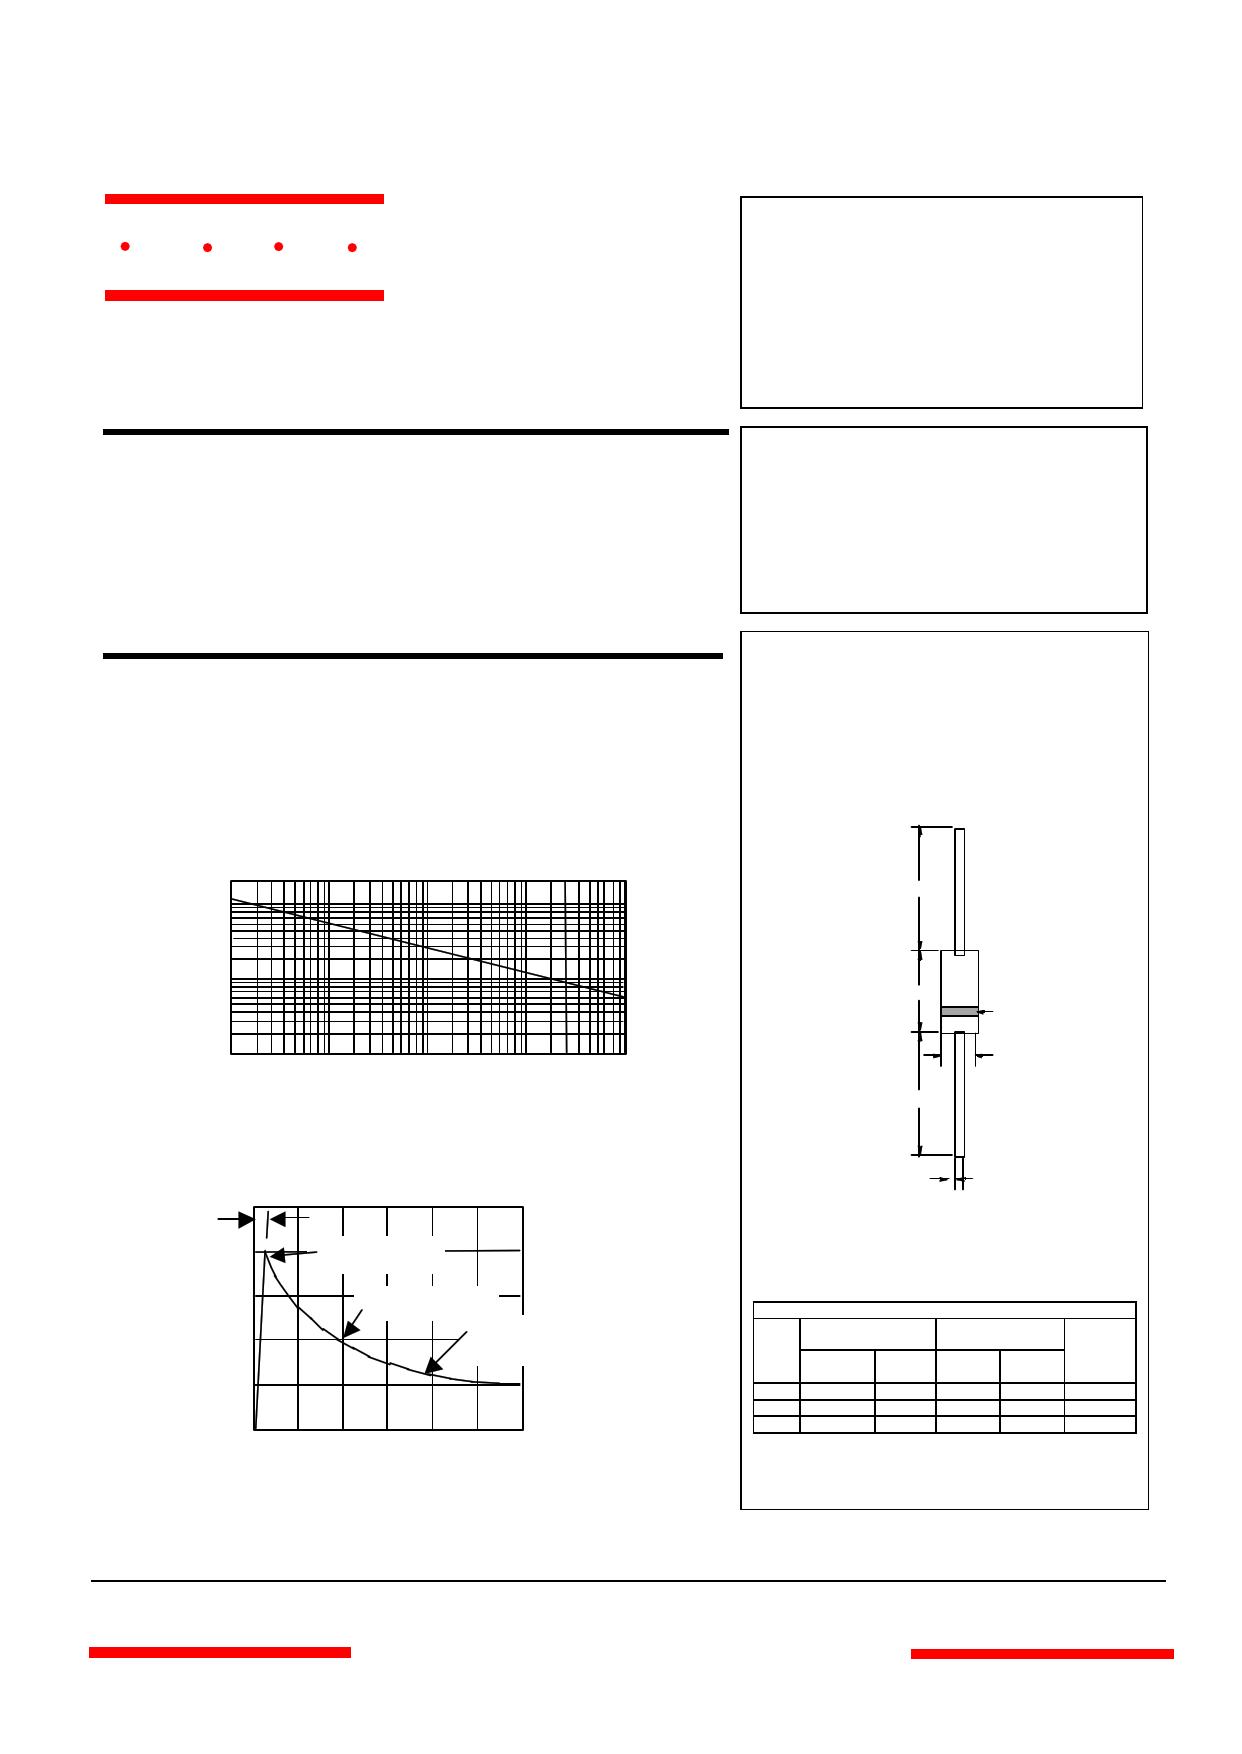 P4KE27A datasheet